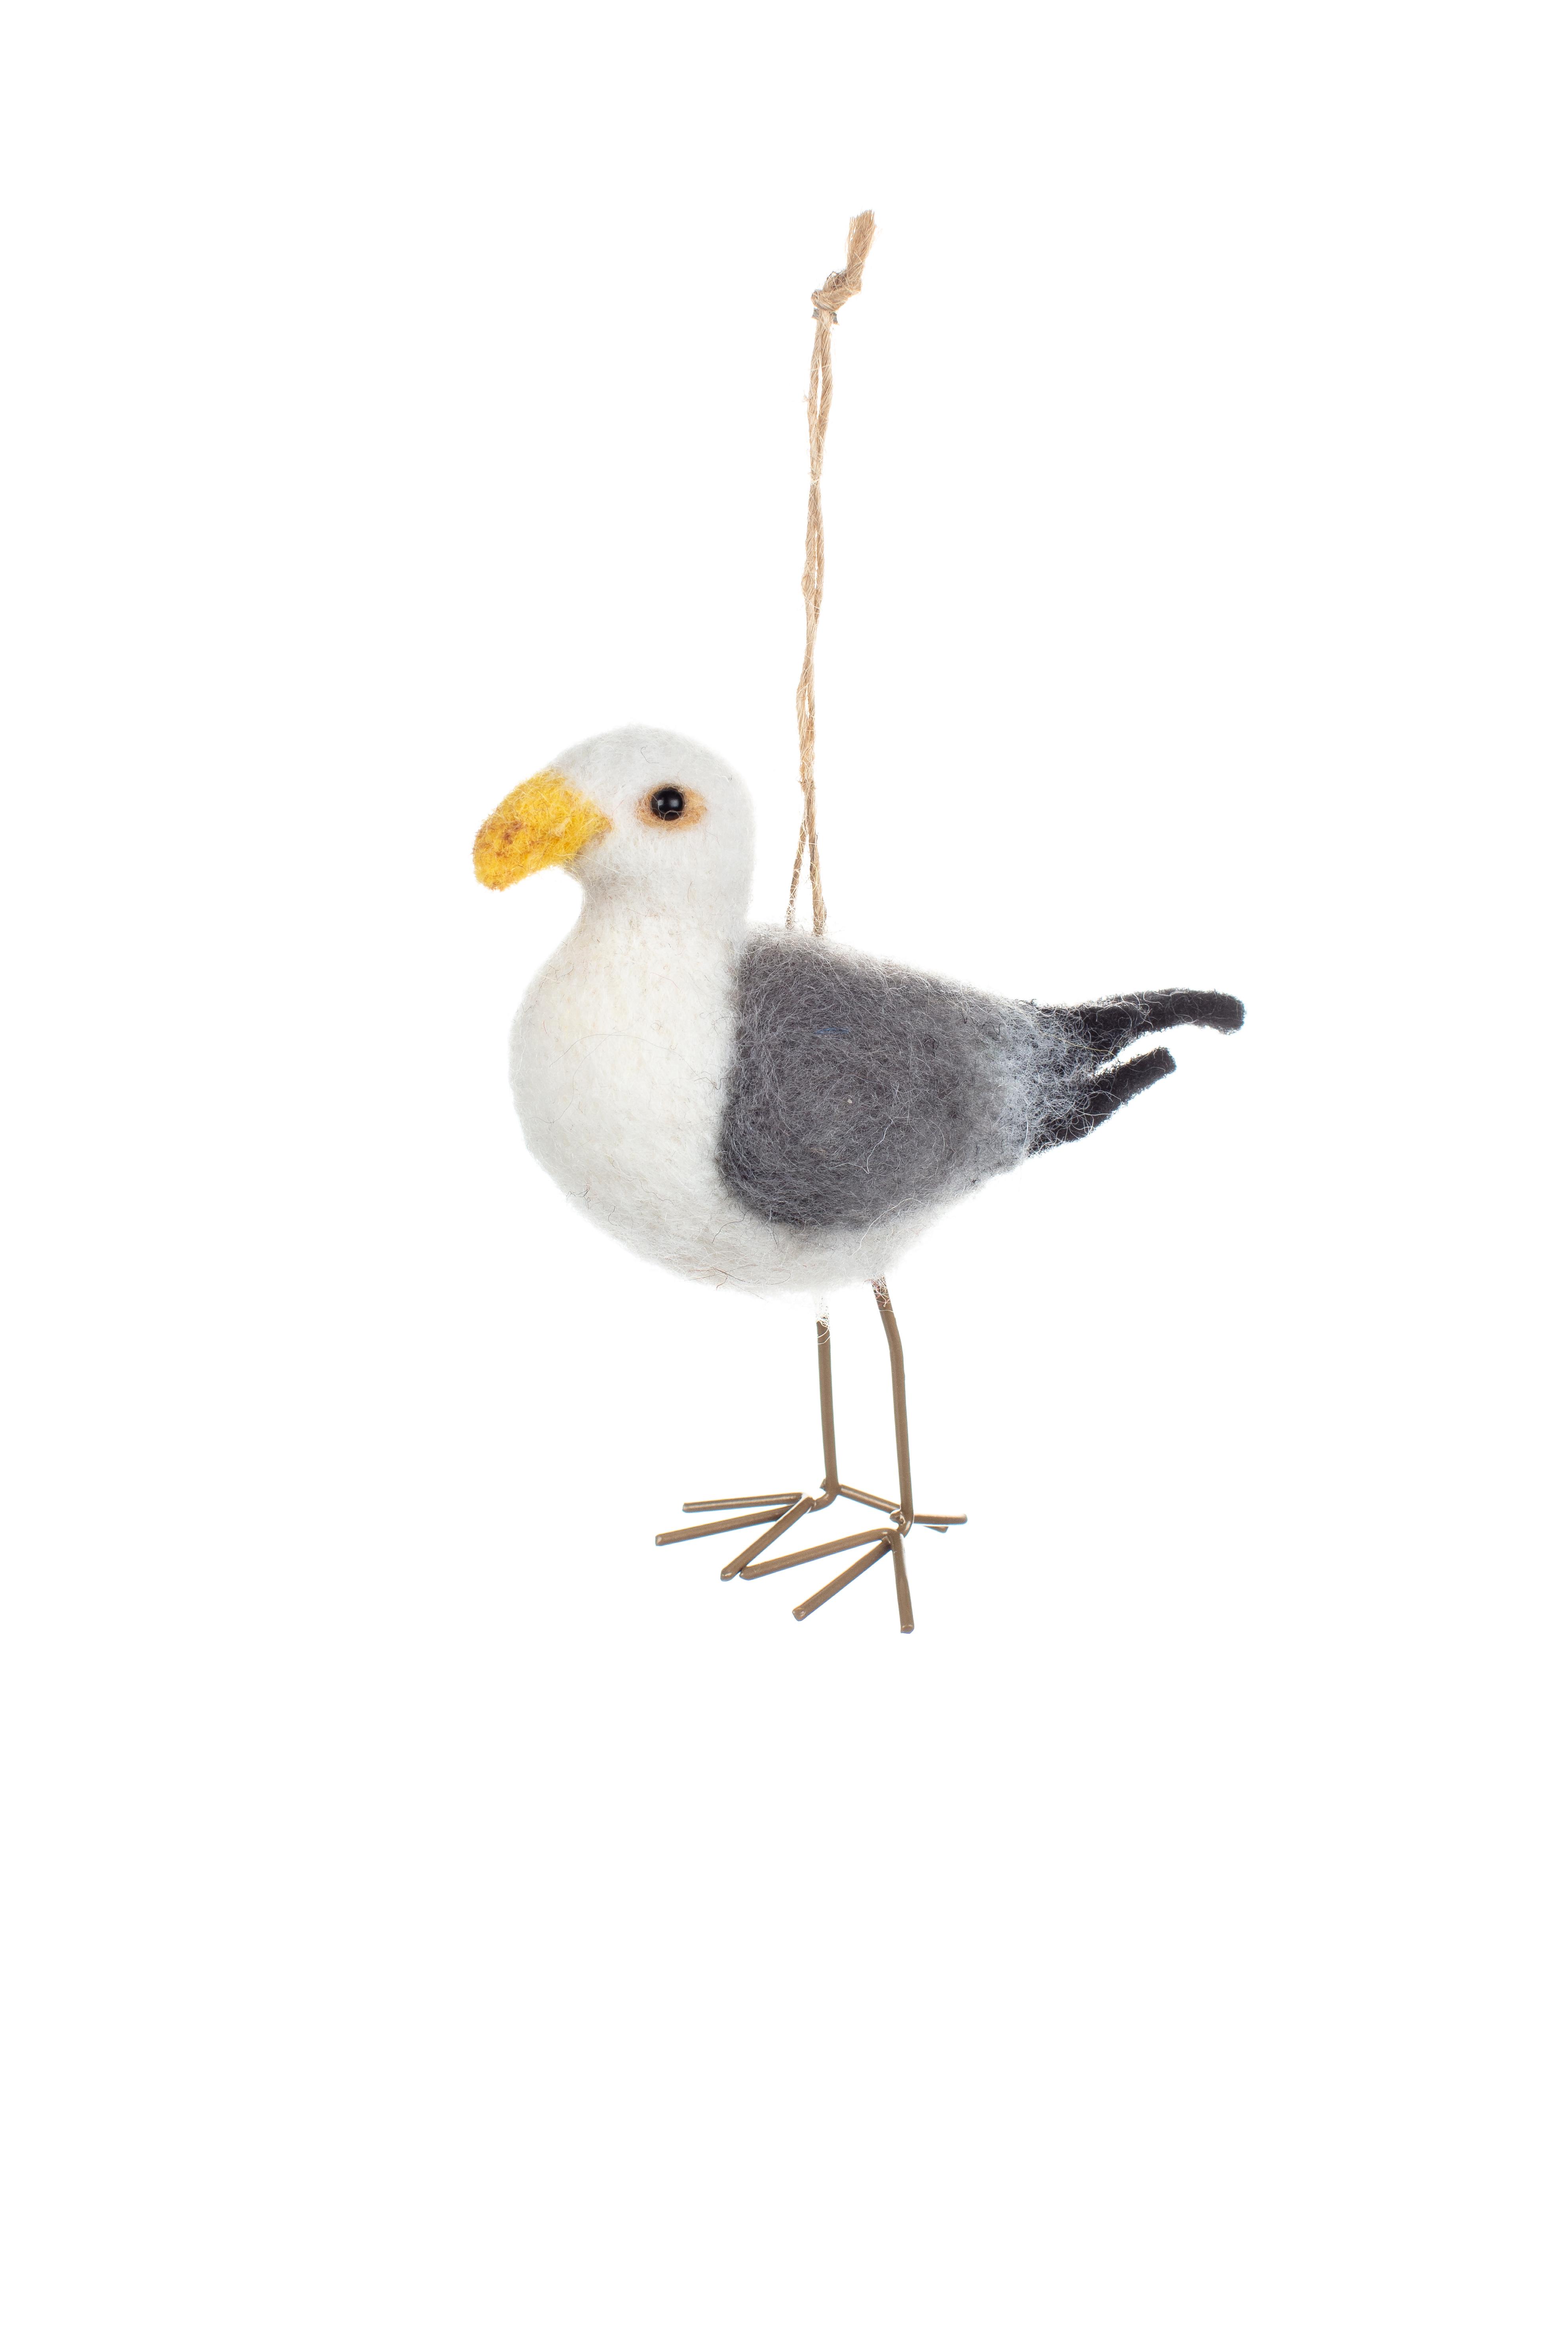 Steven 'Sea-gull'